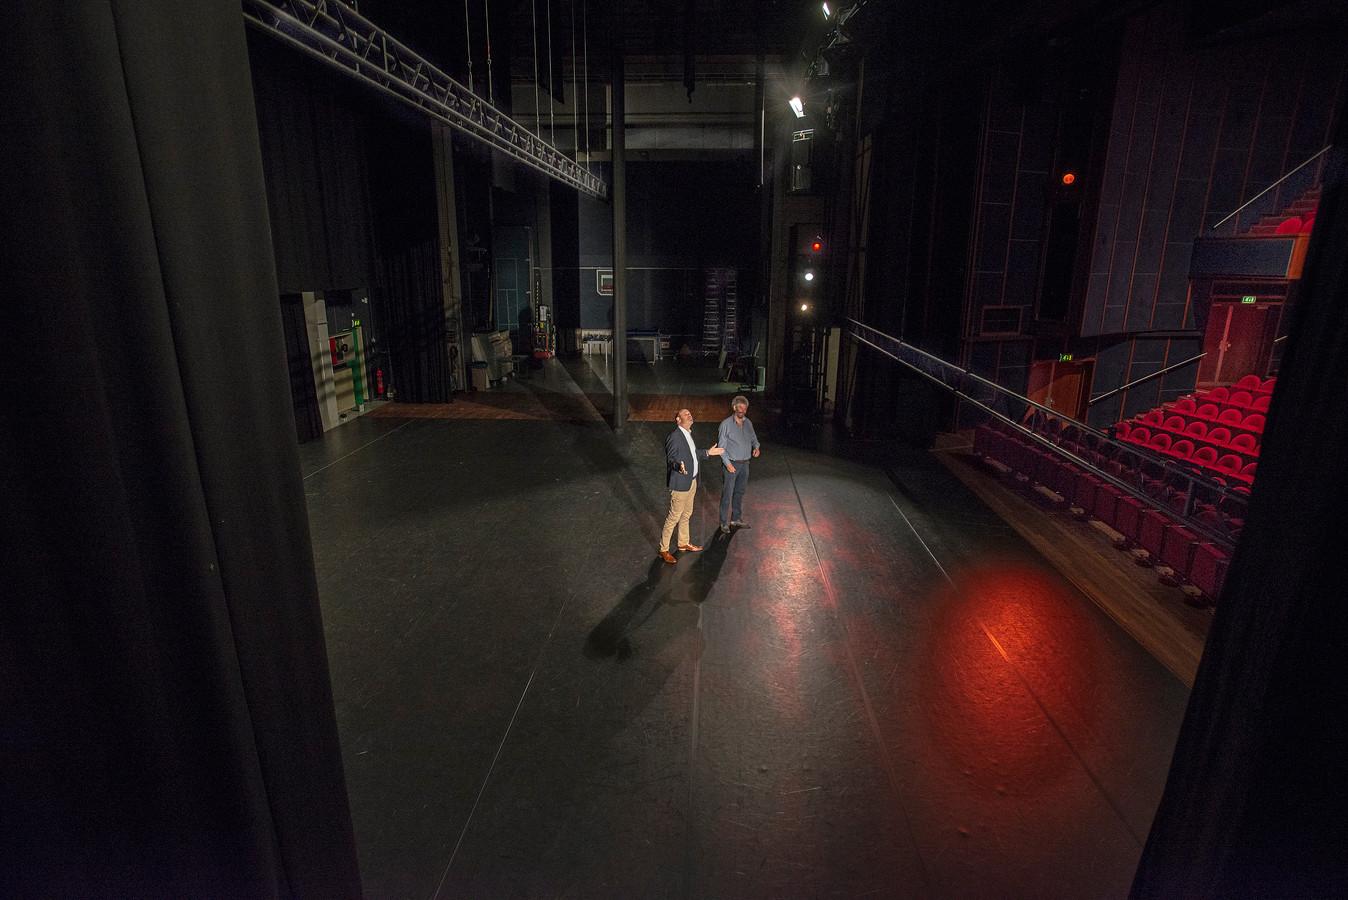 Vanuit deze hoek lijkt het podium gigantisch. Maar toch slaan ieder jaar meer artiesten De Lievekamp over. Tot verdriet van directeur Coen Bais (l) en technicus Henk Rus.